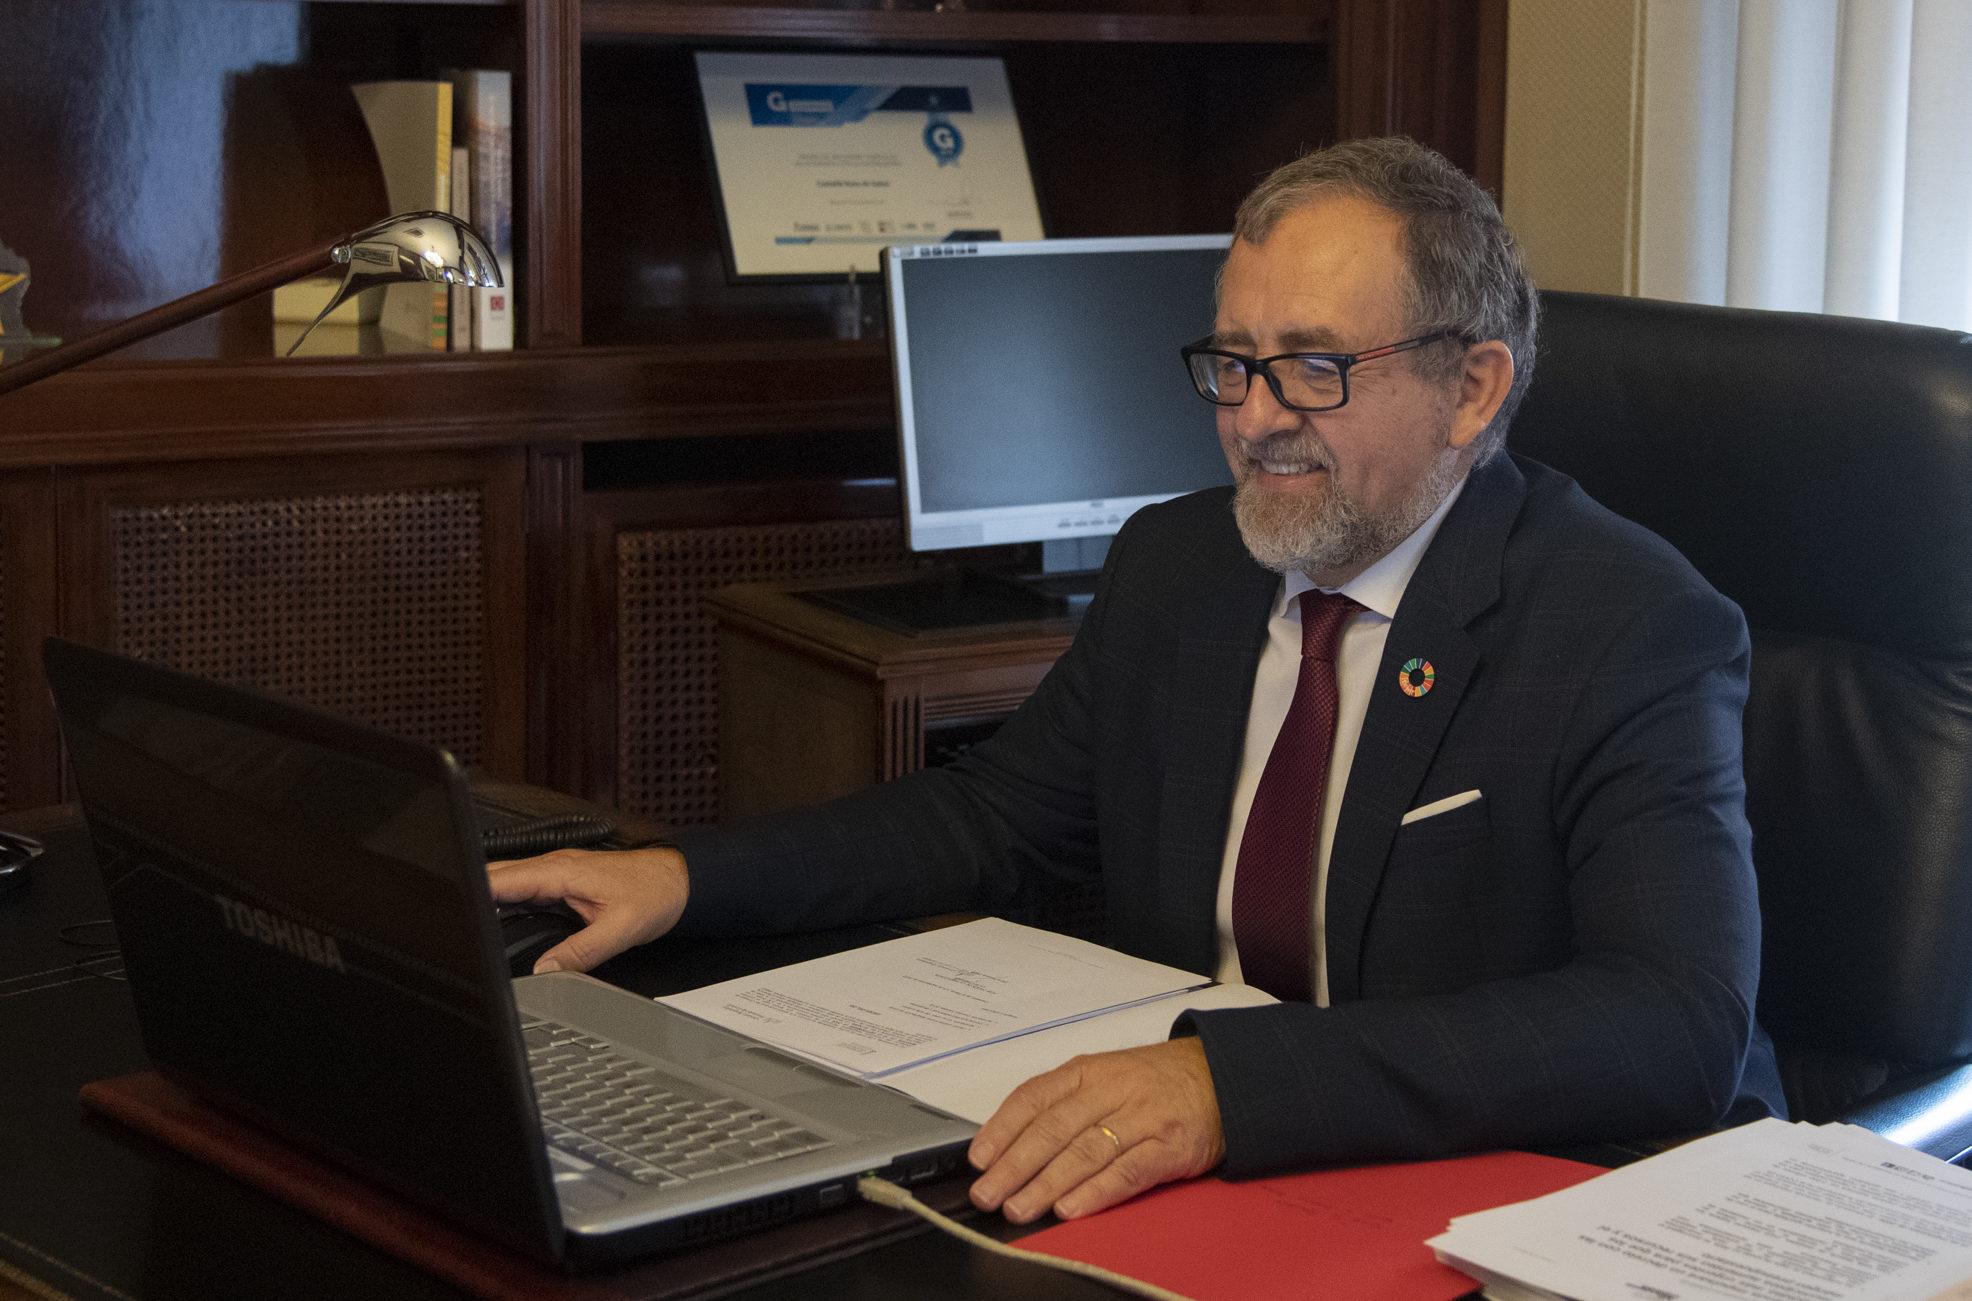 El president de la Diputació participa en el Consell de Govern del Consorci Hospitalari Provincial de Castelló